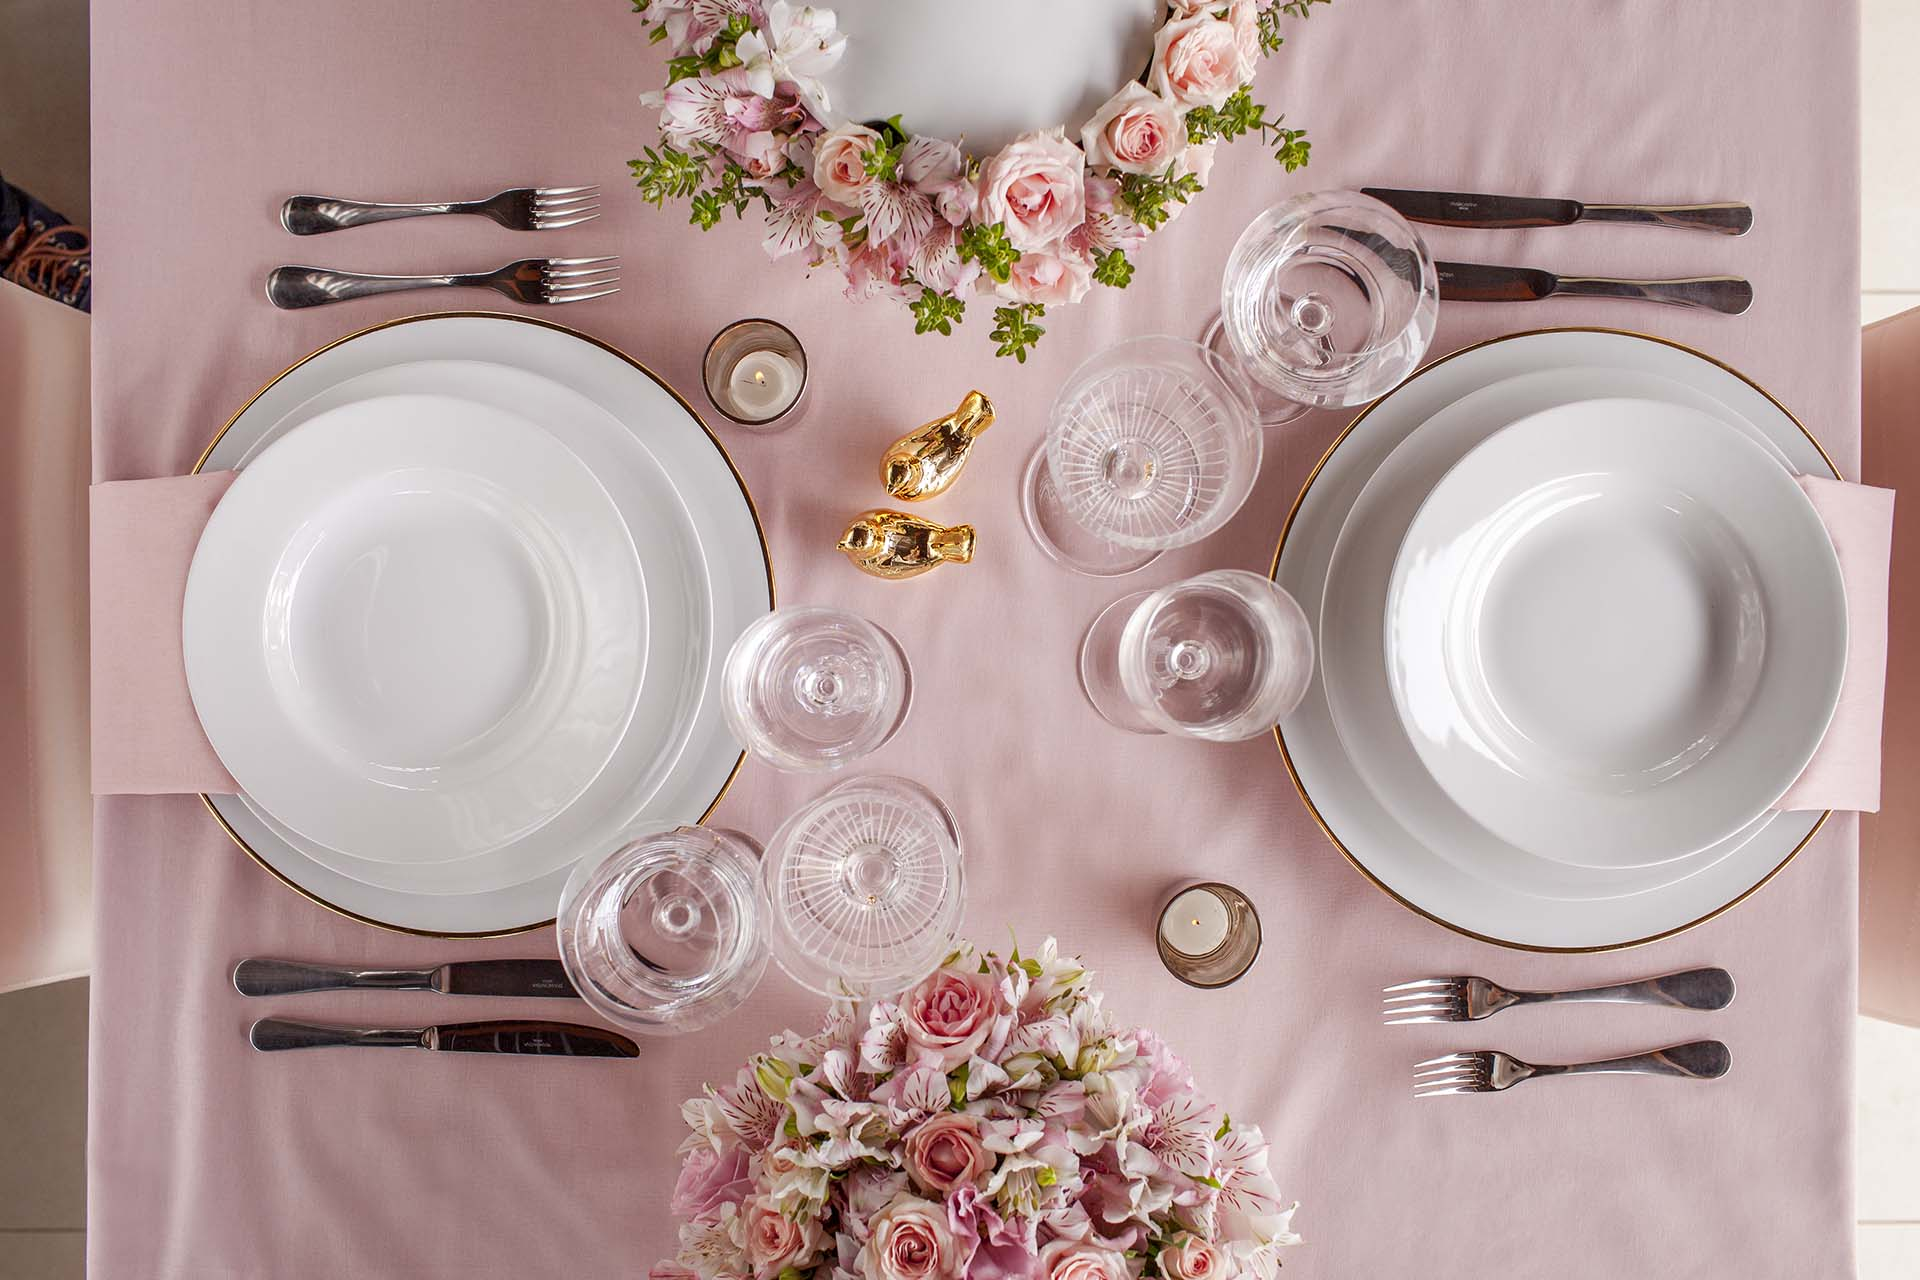 Imagem: Para refinar a louça branca, foi usado um sousplat de porcelana com filete dourado, velas e taças de cristal. Foto: Raphael Günther/Bespoke Content.